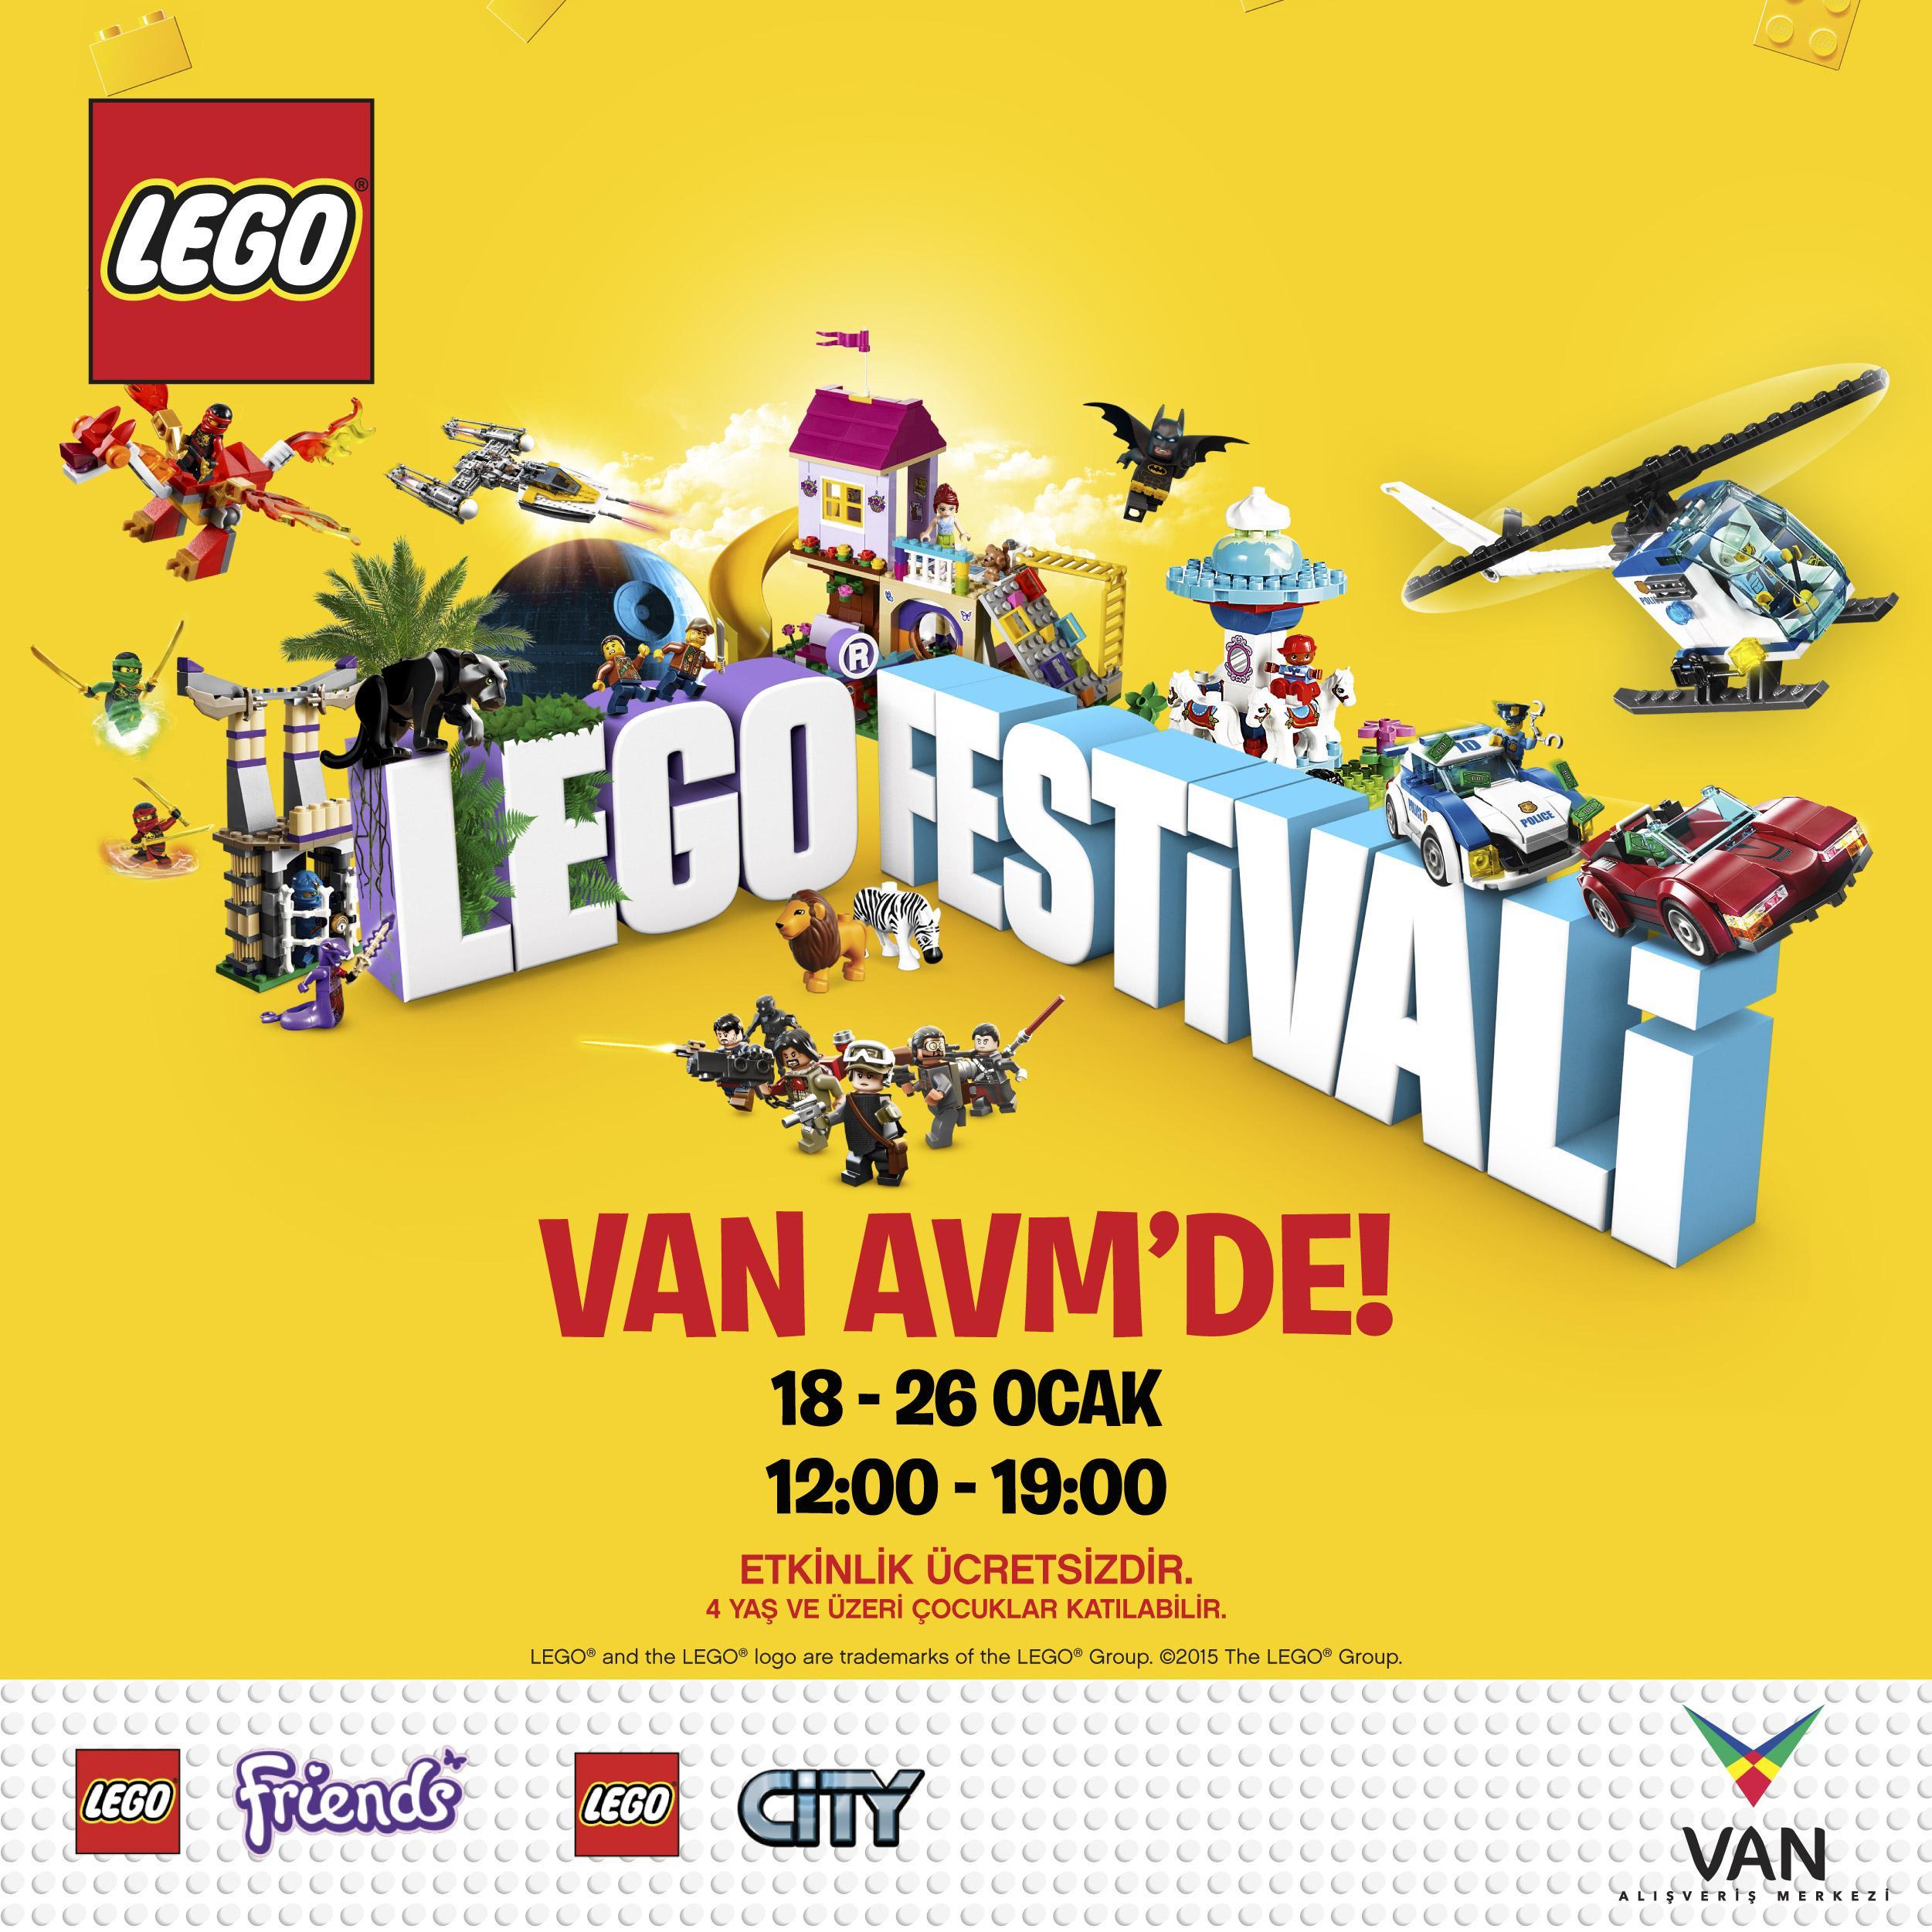 Van AVM sömestre tatilinde LEGO® Festivali ile eğlenceyi ikiye katlayacak